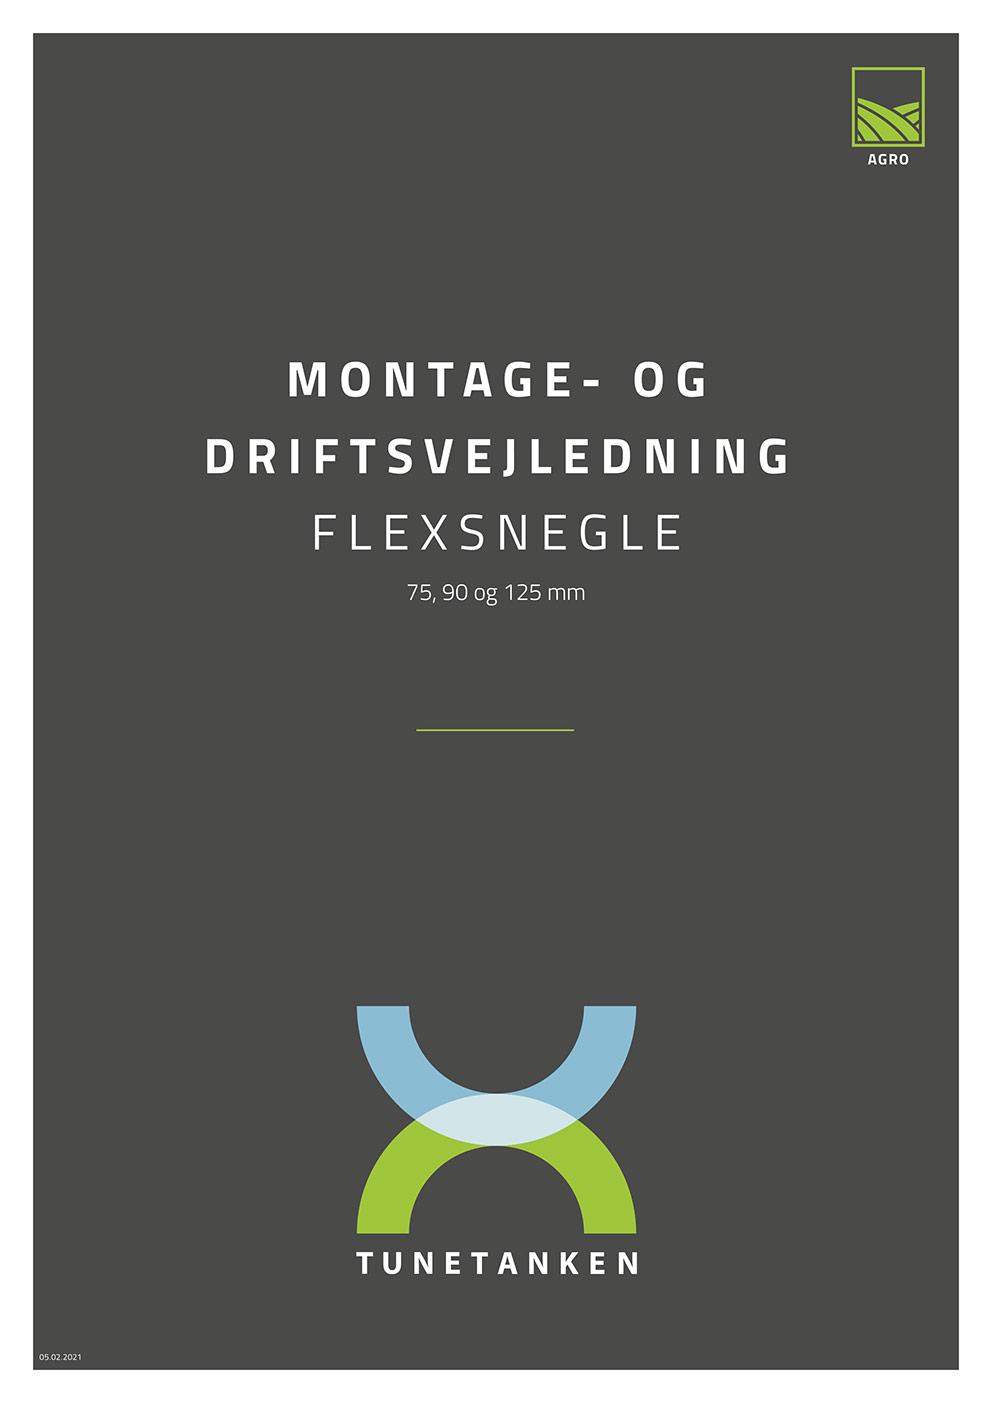 Montage- og driftsvejledning - Flexsnegle